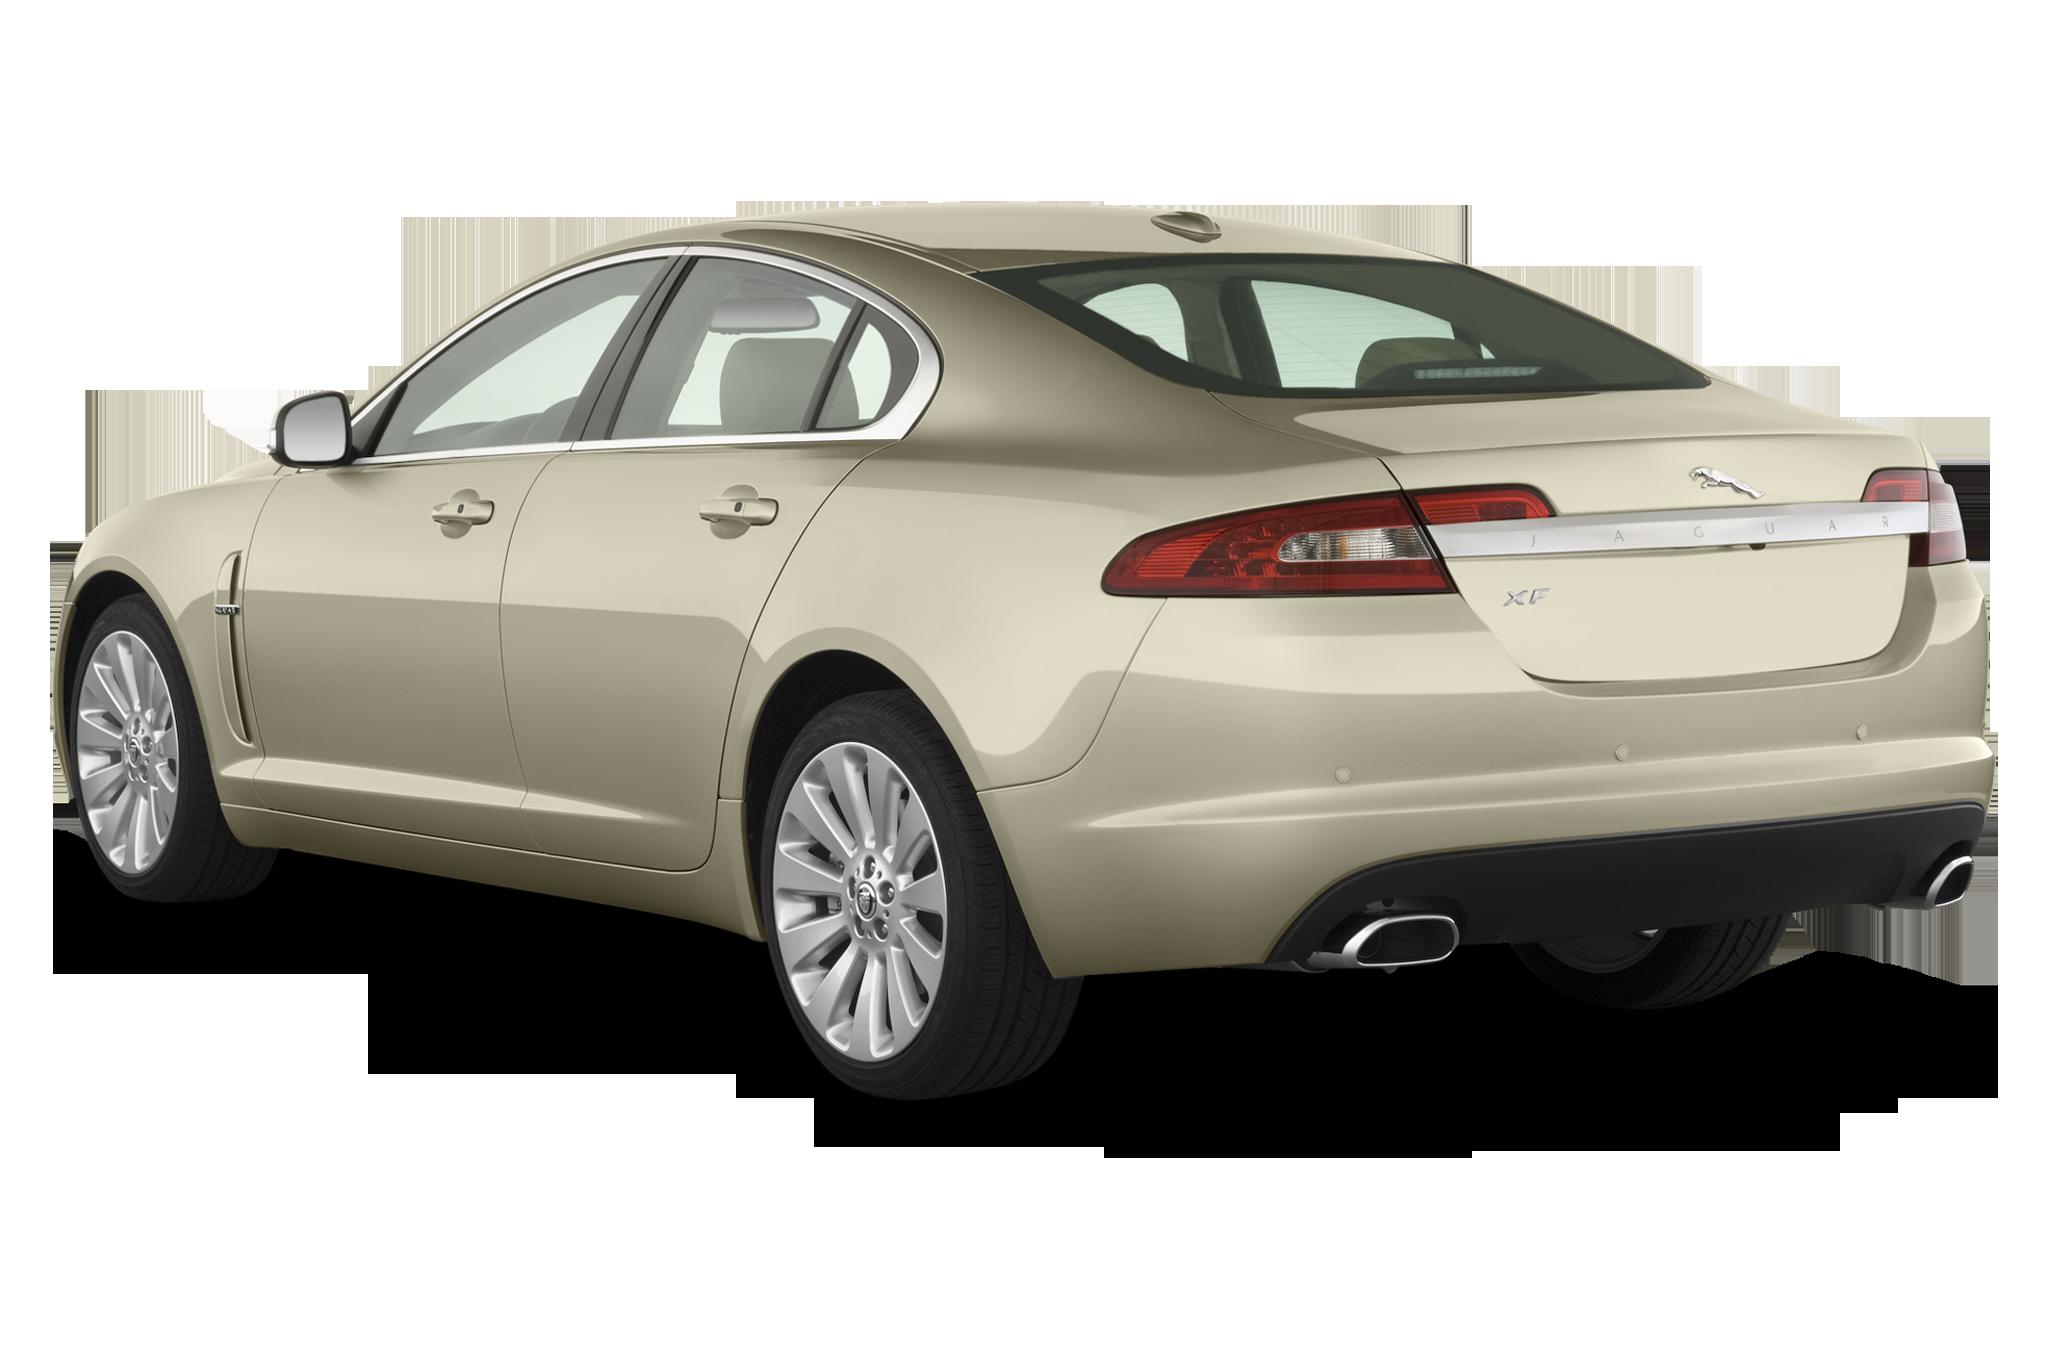 2011 Jaguar XFR - Editors' Notebook - Automobile Magazine